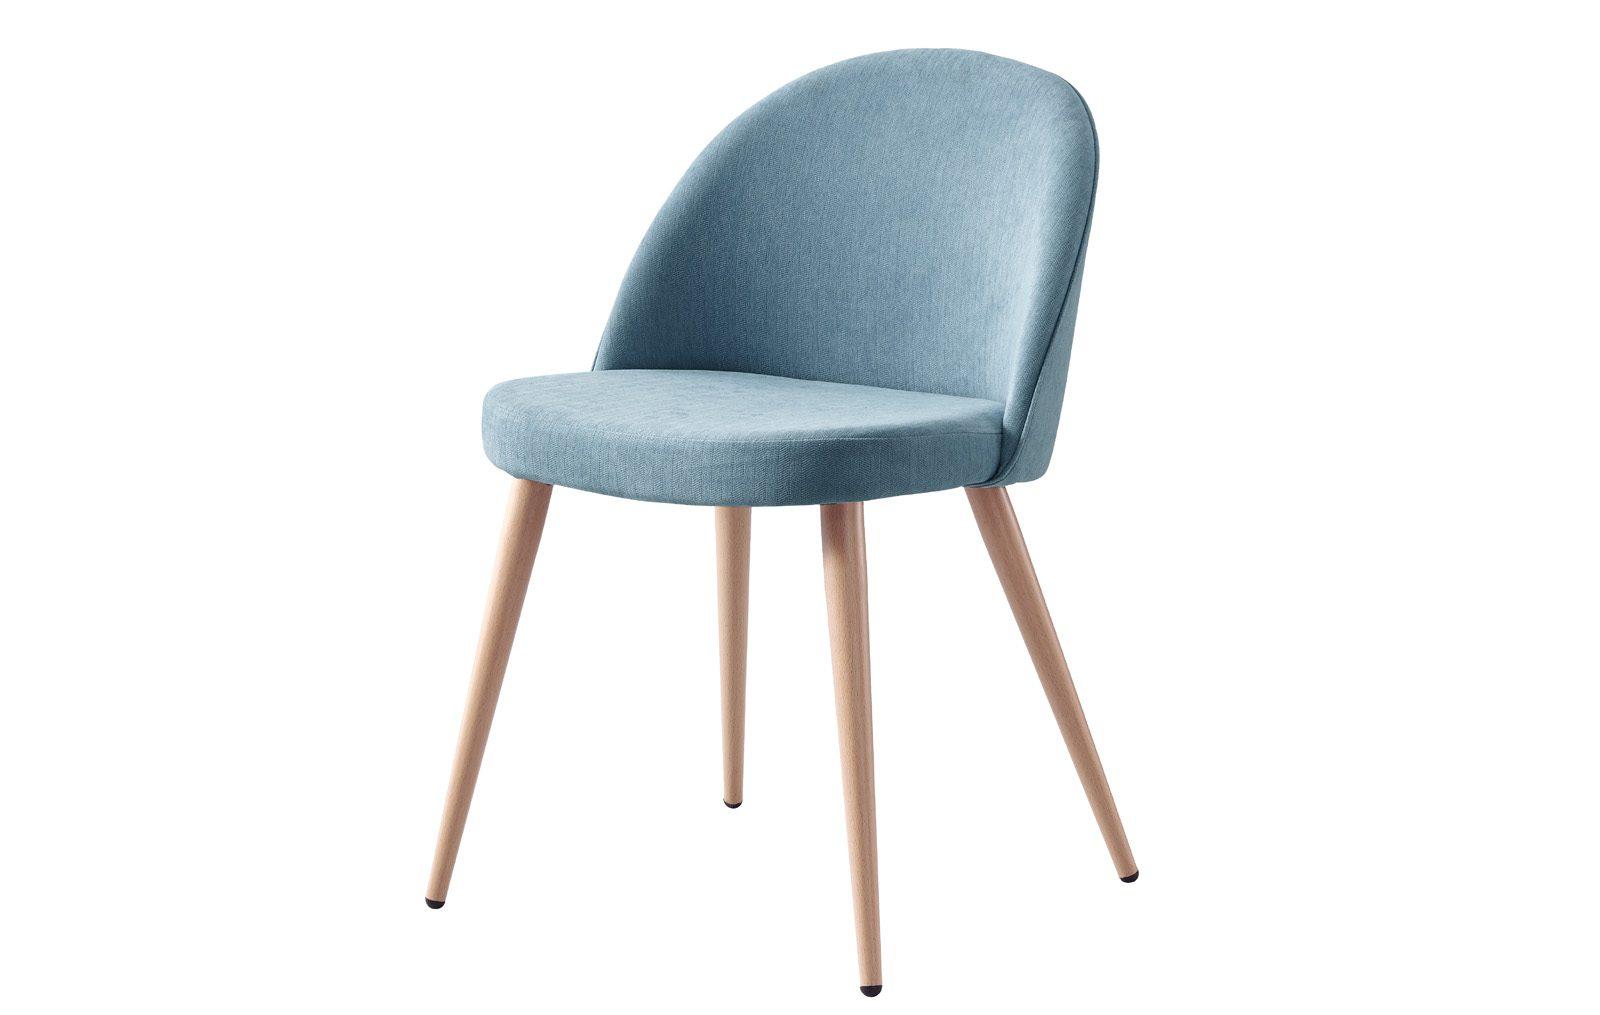 Купить Голубой стул томас с мягким сидением, inmyroom, Китай